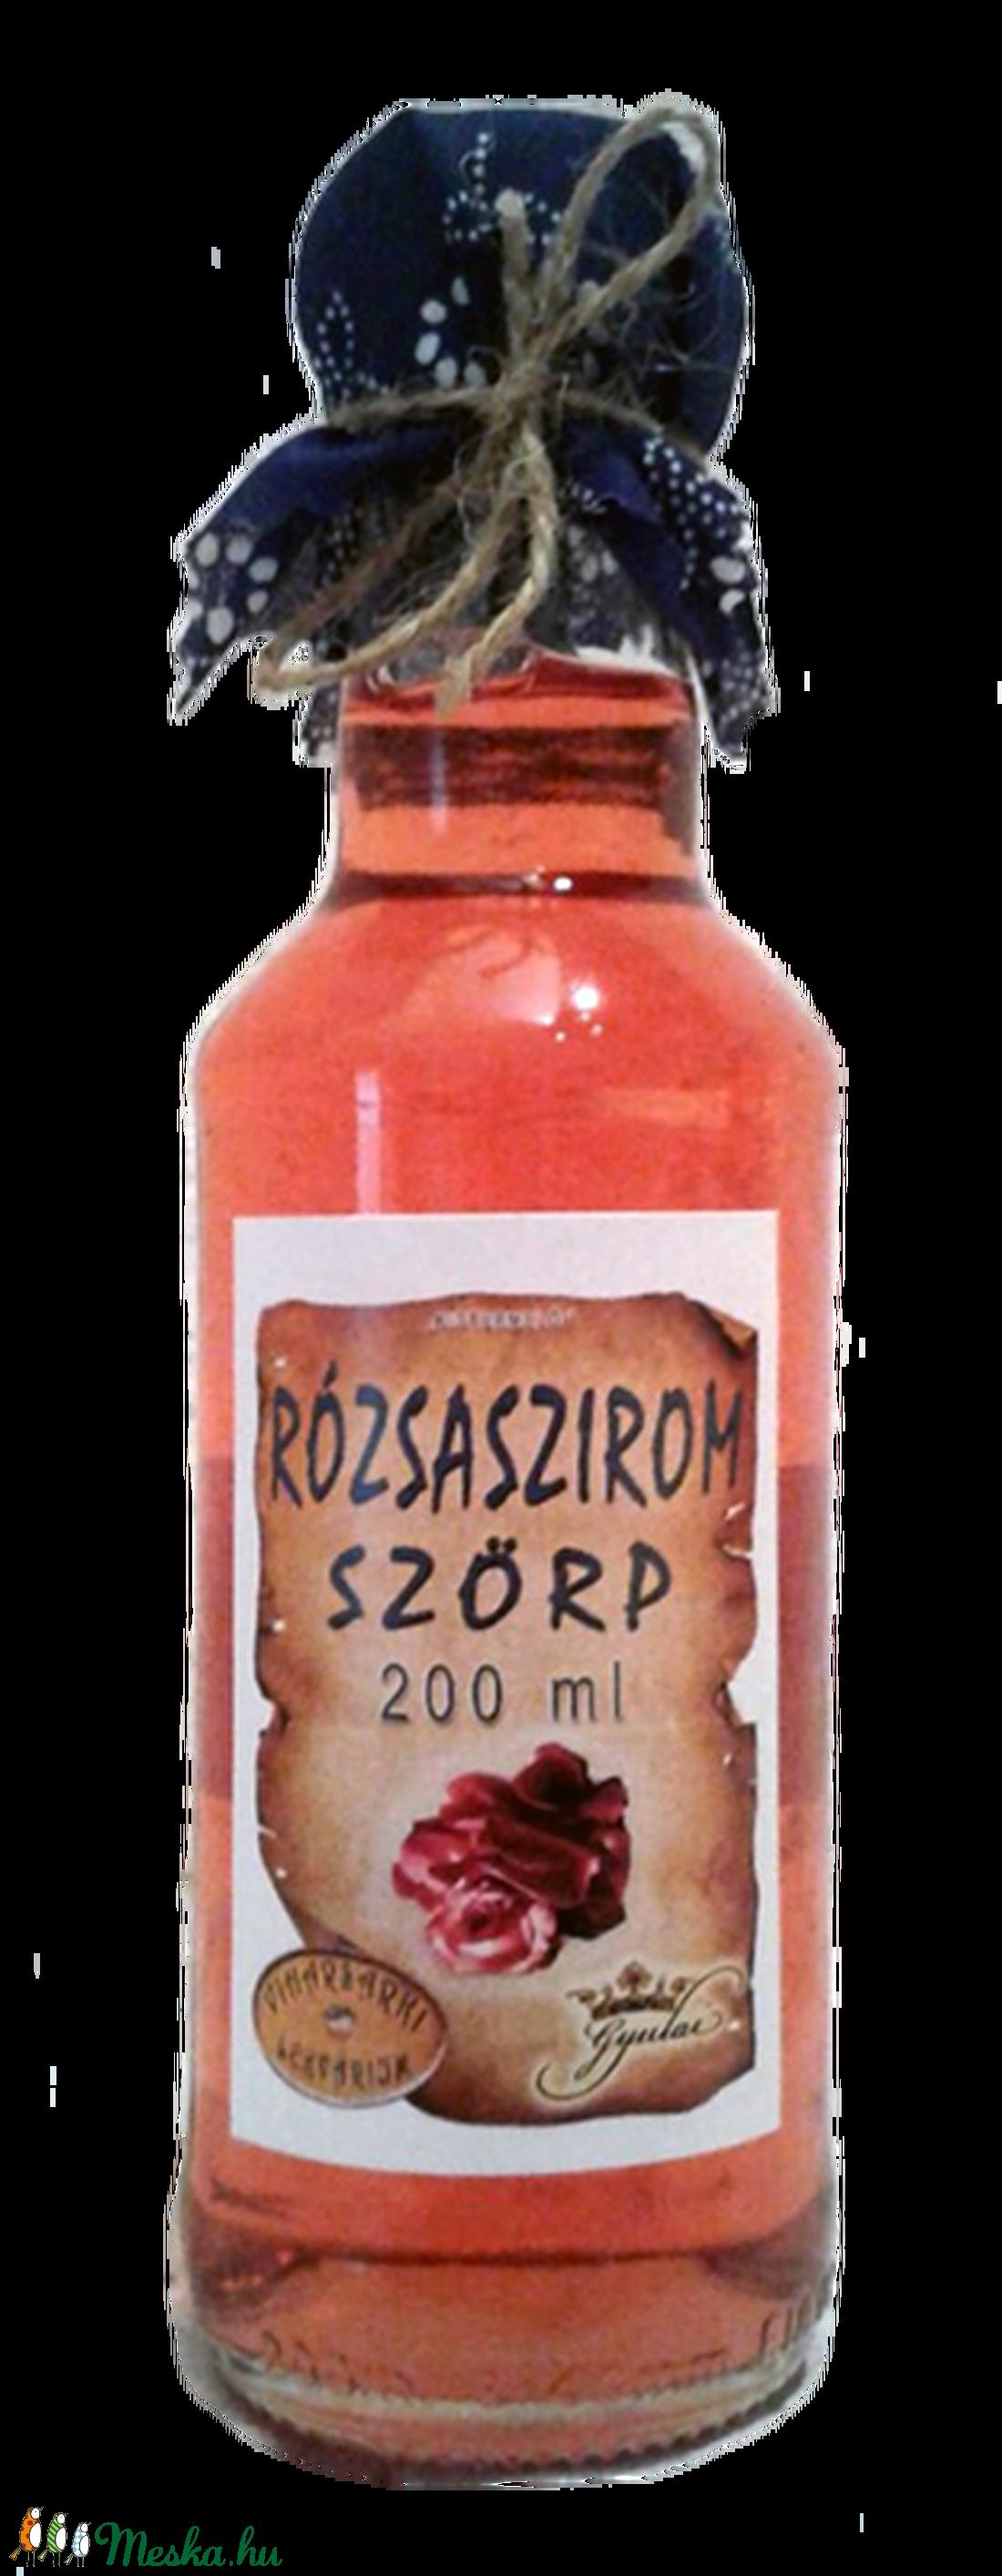 Rózsaszirom szörp (200 ml) (viharsarkilekvariu) - Meska.hu